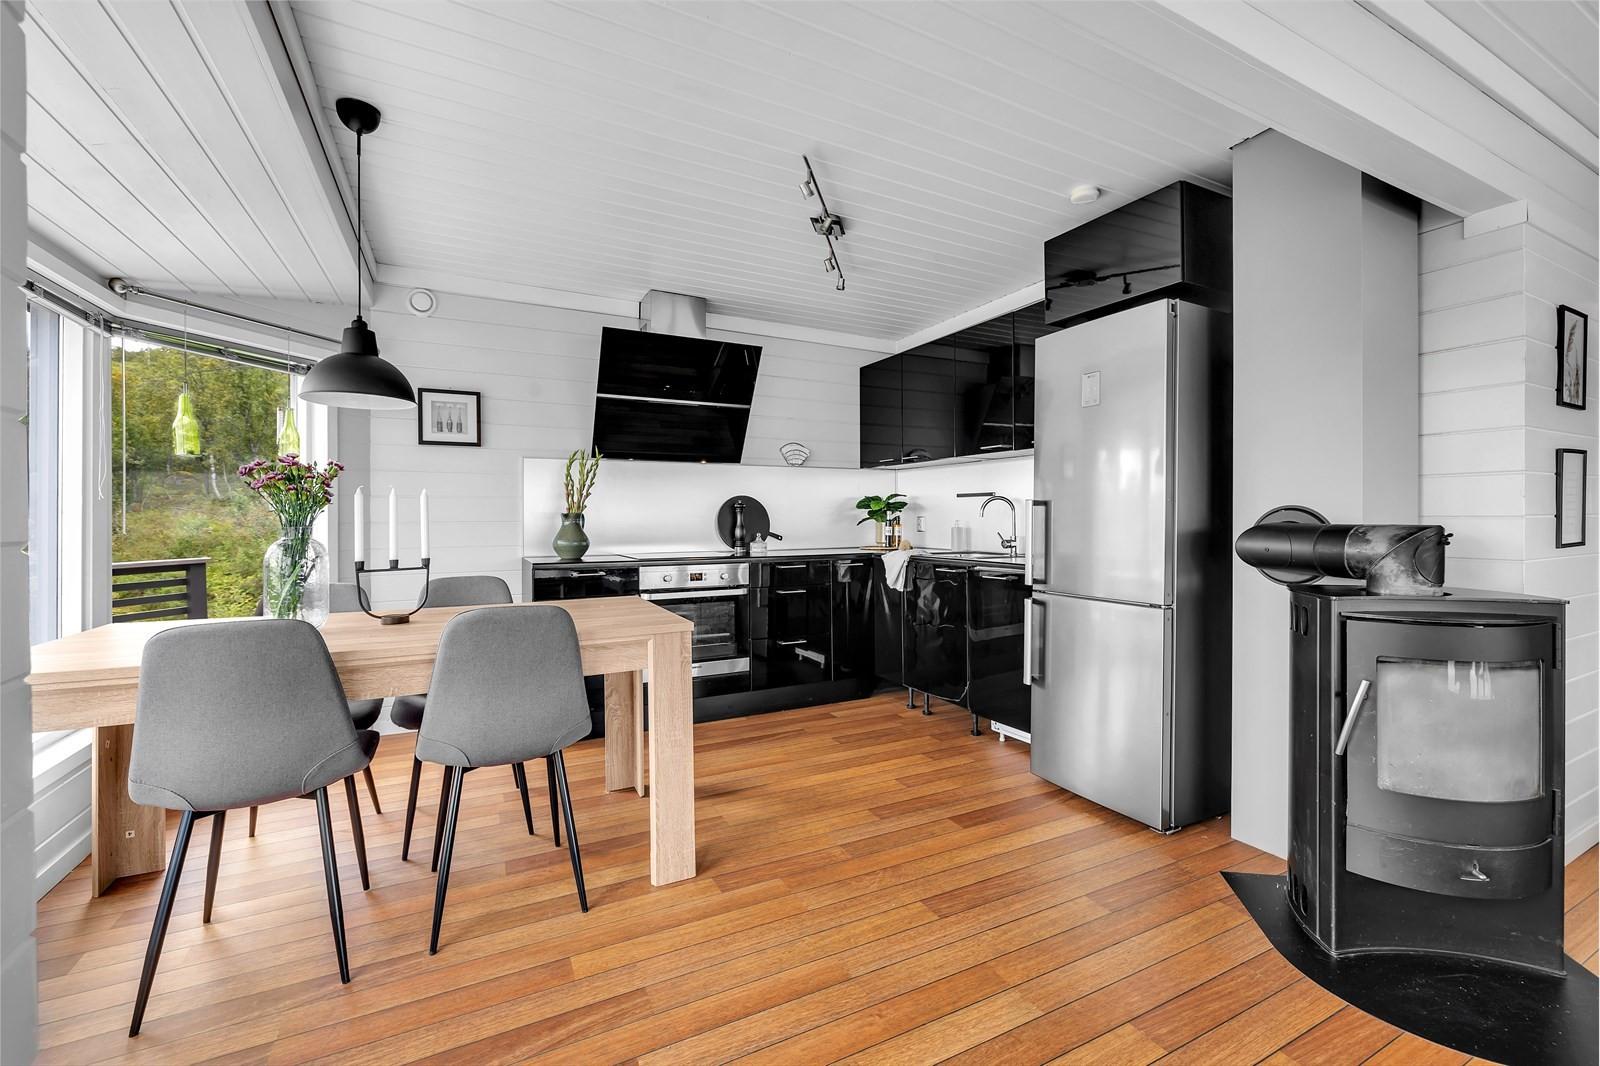 Kjøkken med integrerte hvitevarer (stekeovn, koketopp og oppvaskmaskin).